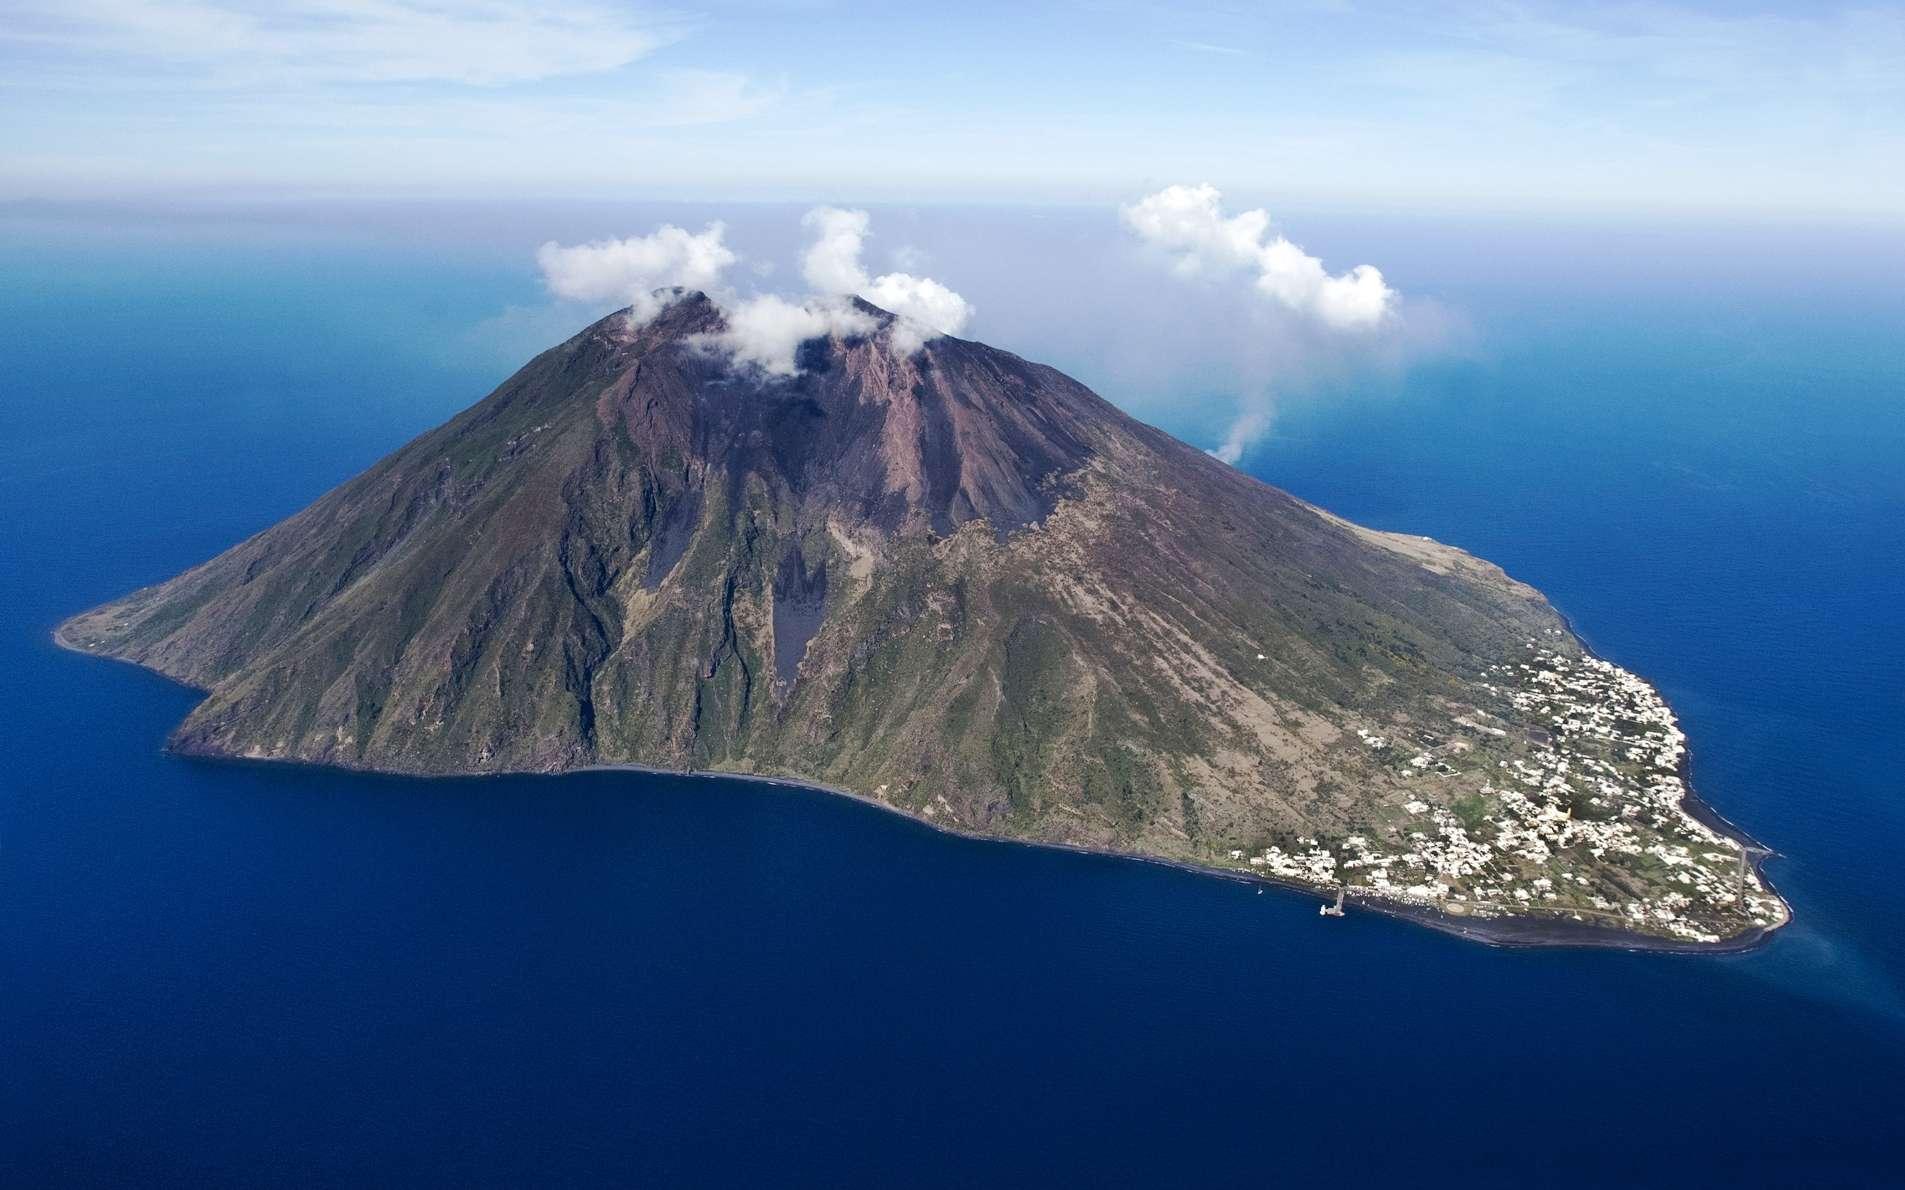 Le stromboli, le volcan au nord de la Cécile est en irruption.